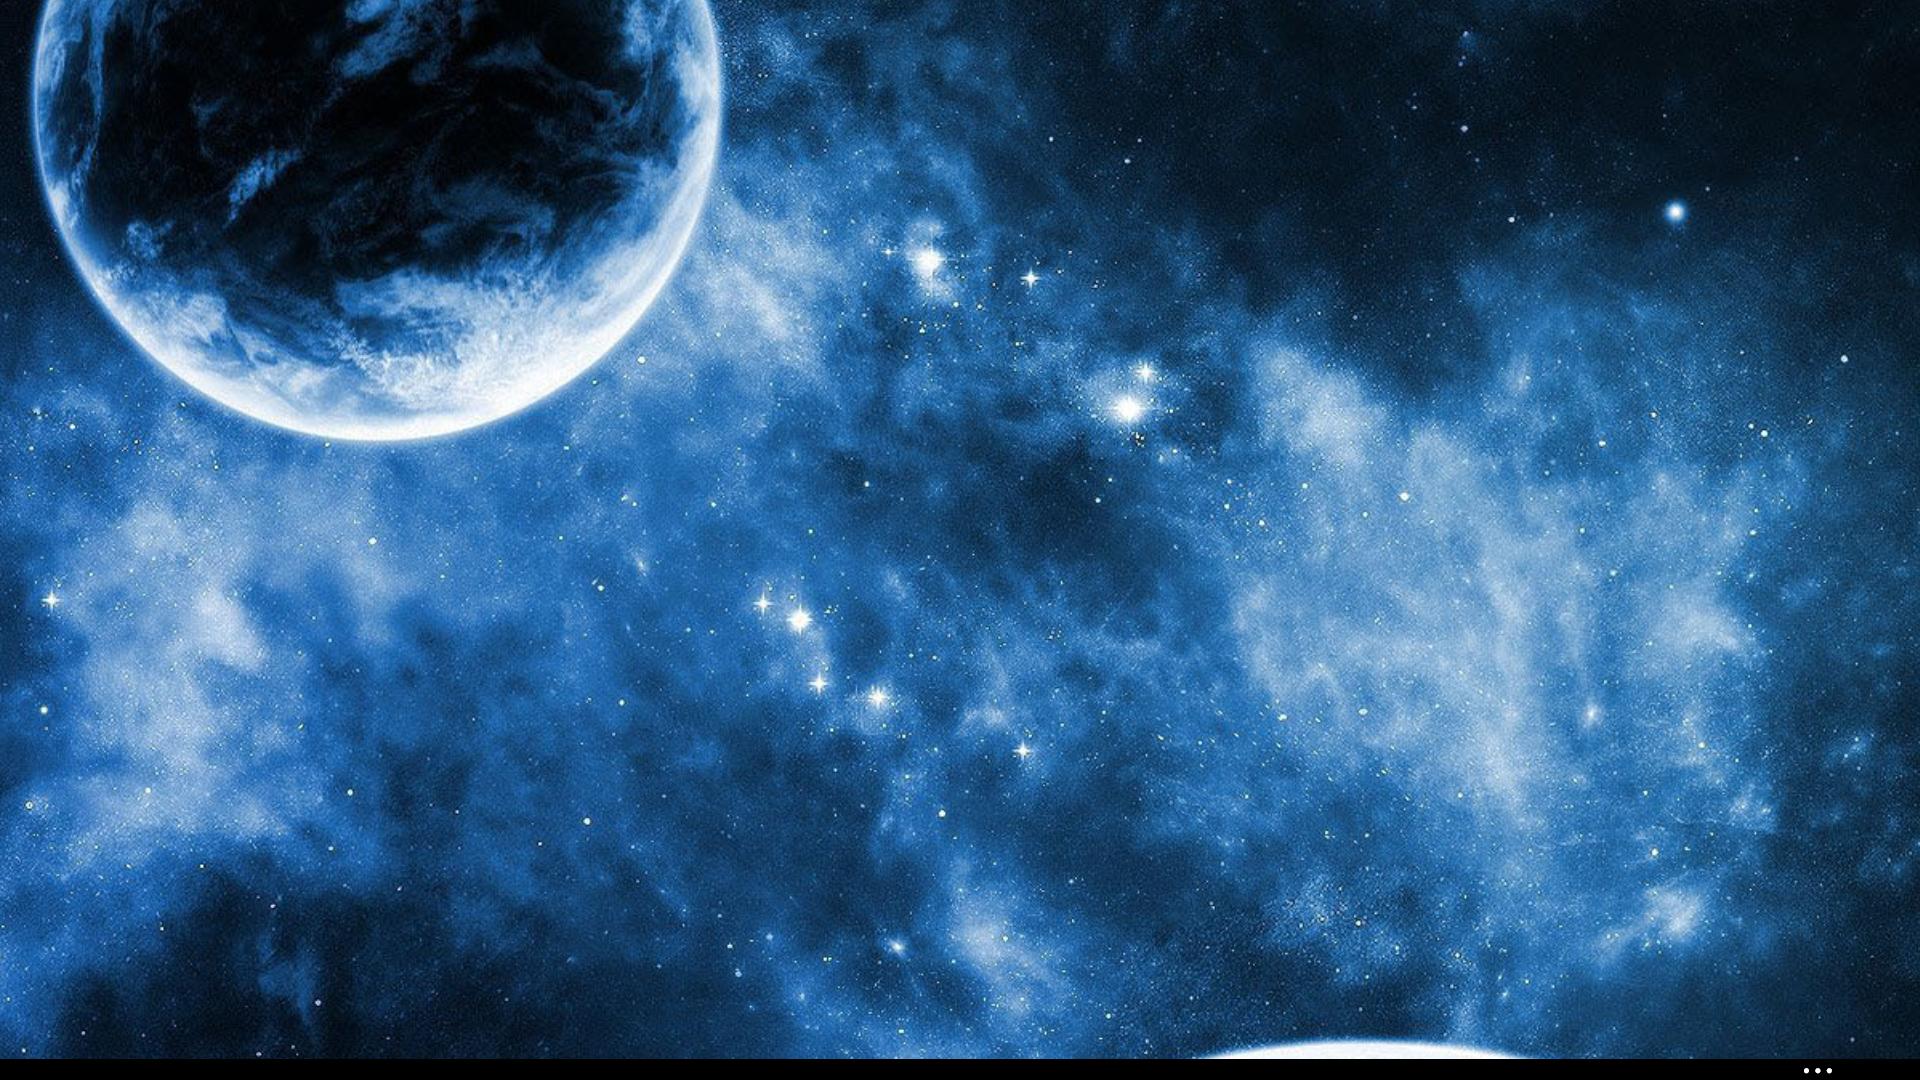 хотел картинки для фона сайта космос нравится, когда